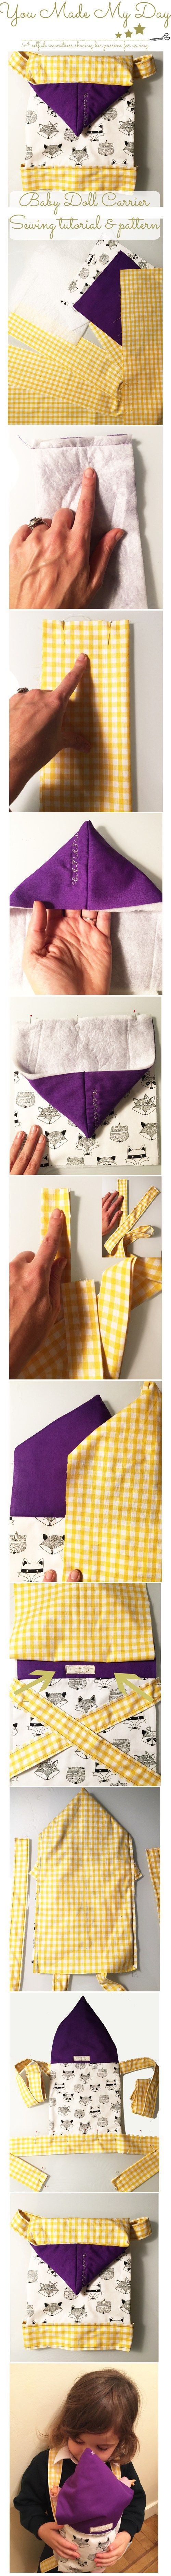 28023 besten Easy Sewing Bilder auf Pinterest | Nähideen, Nähtipps ...